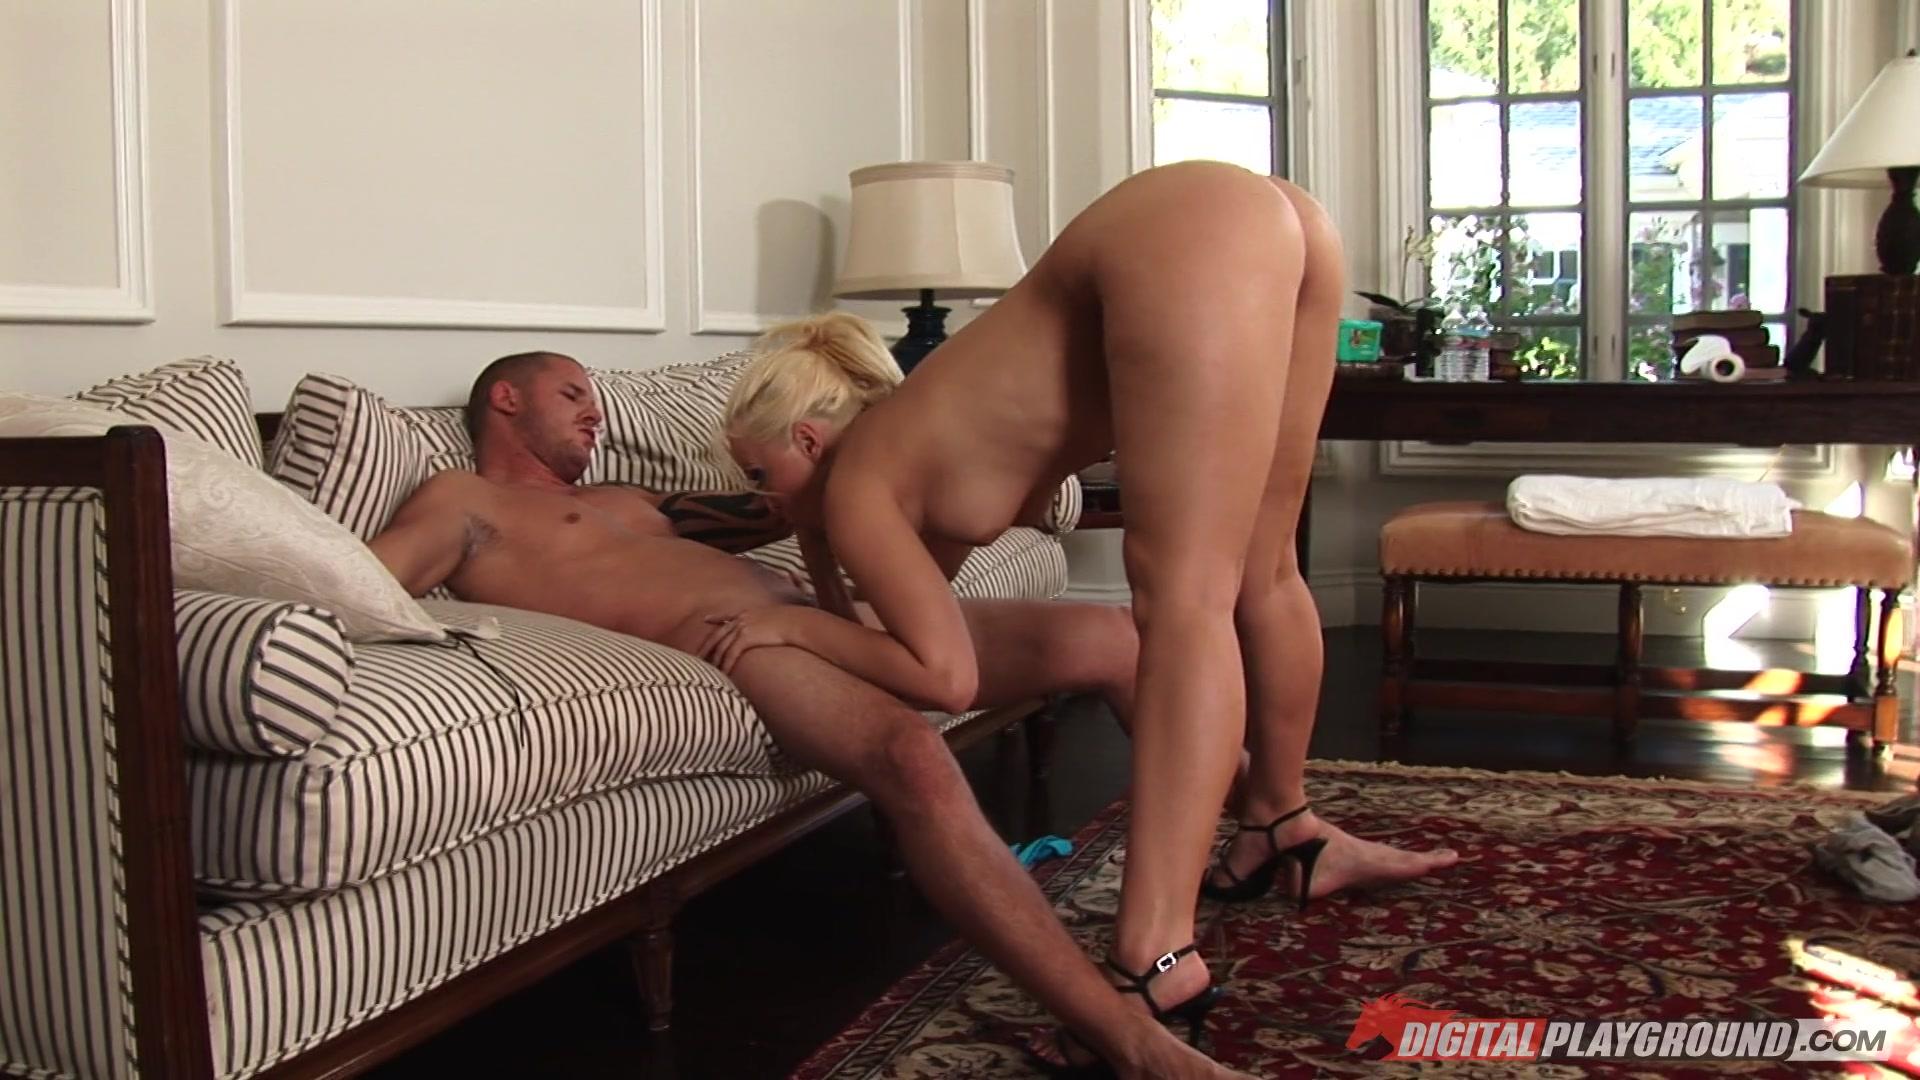 Jacks big ass show 8